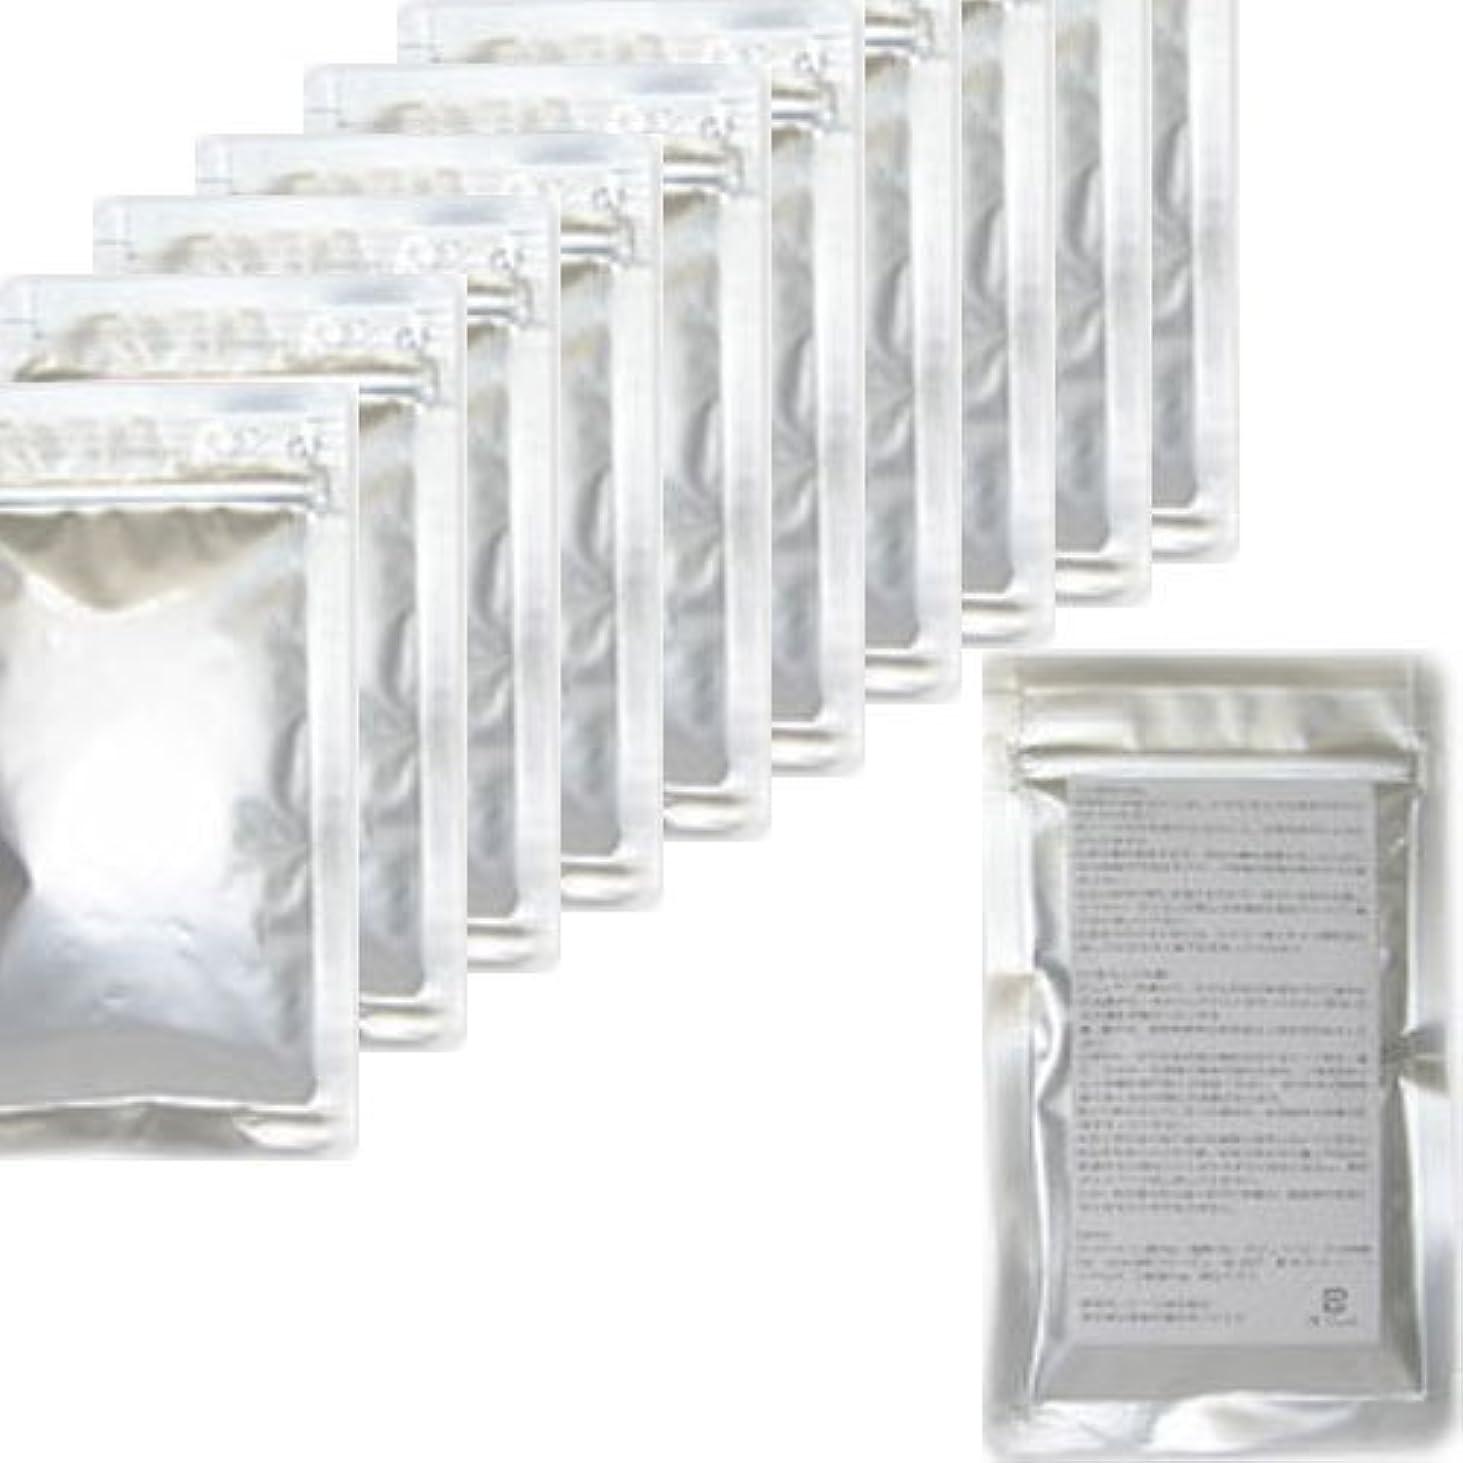 ひそかに件名妊娠した業者様用 ローションバス とろとろ入浴剤「お風呂でねっとり」 業務用50g(50個セット) (無香料(ピンク))